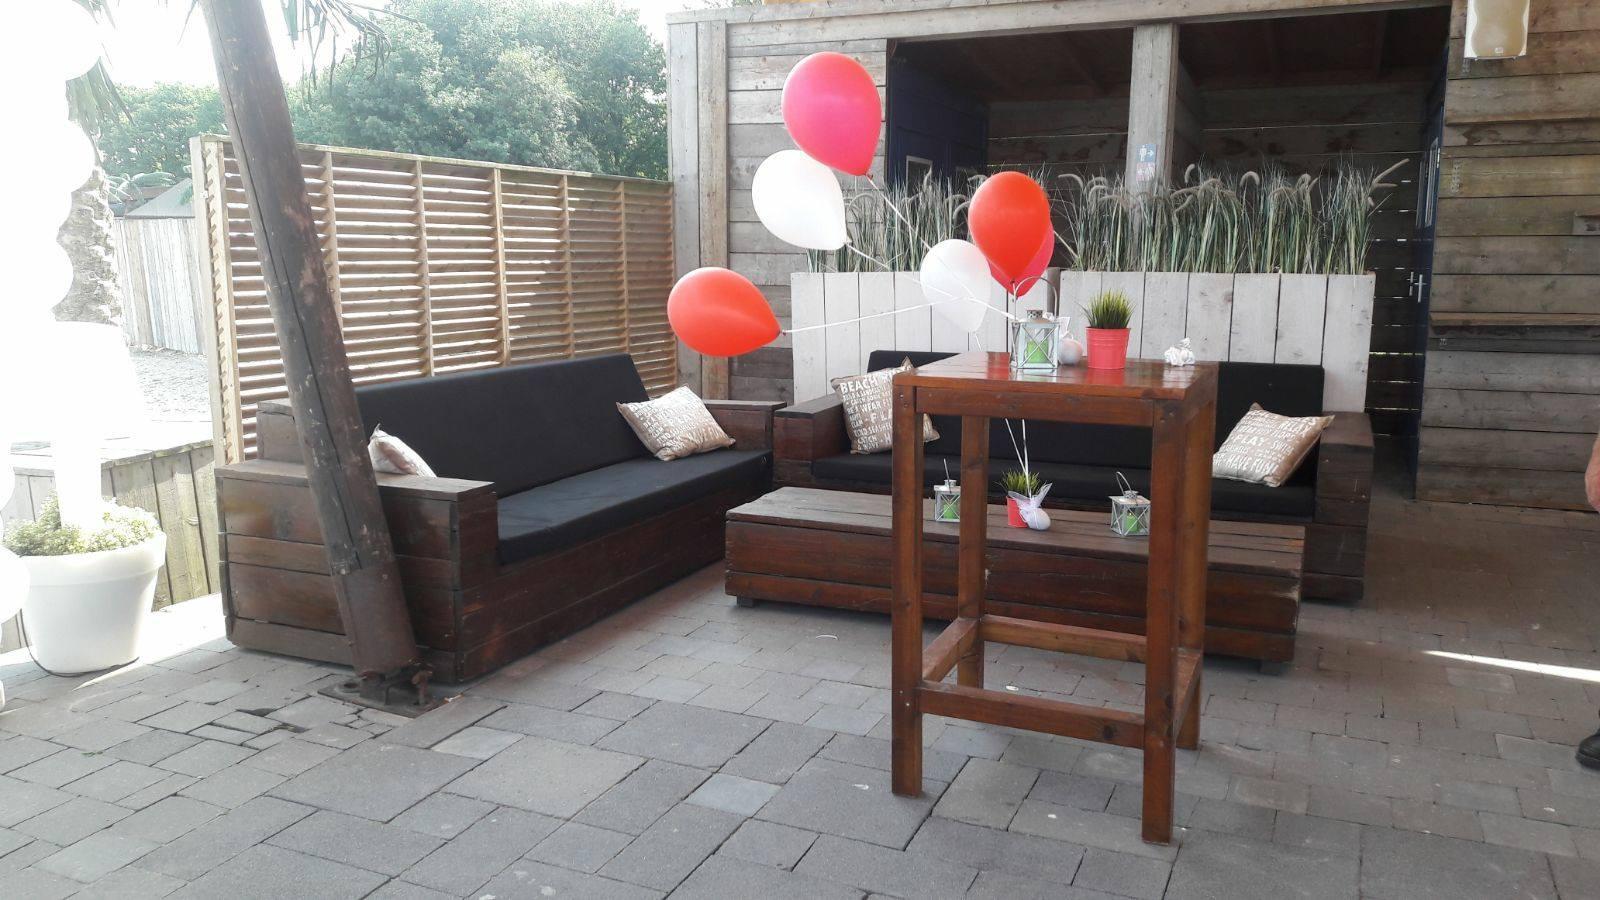 Ballonnen die zweven